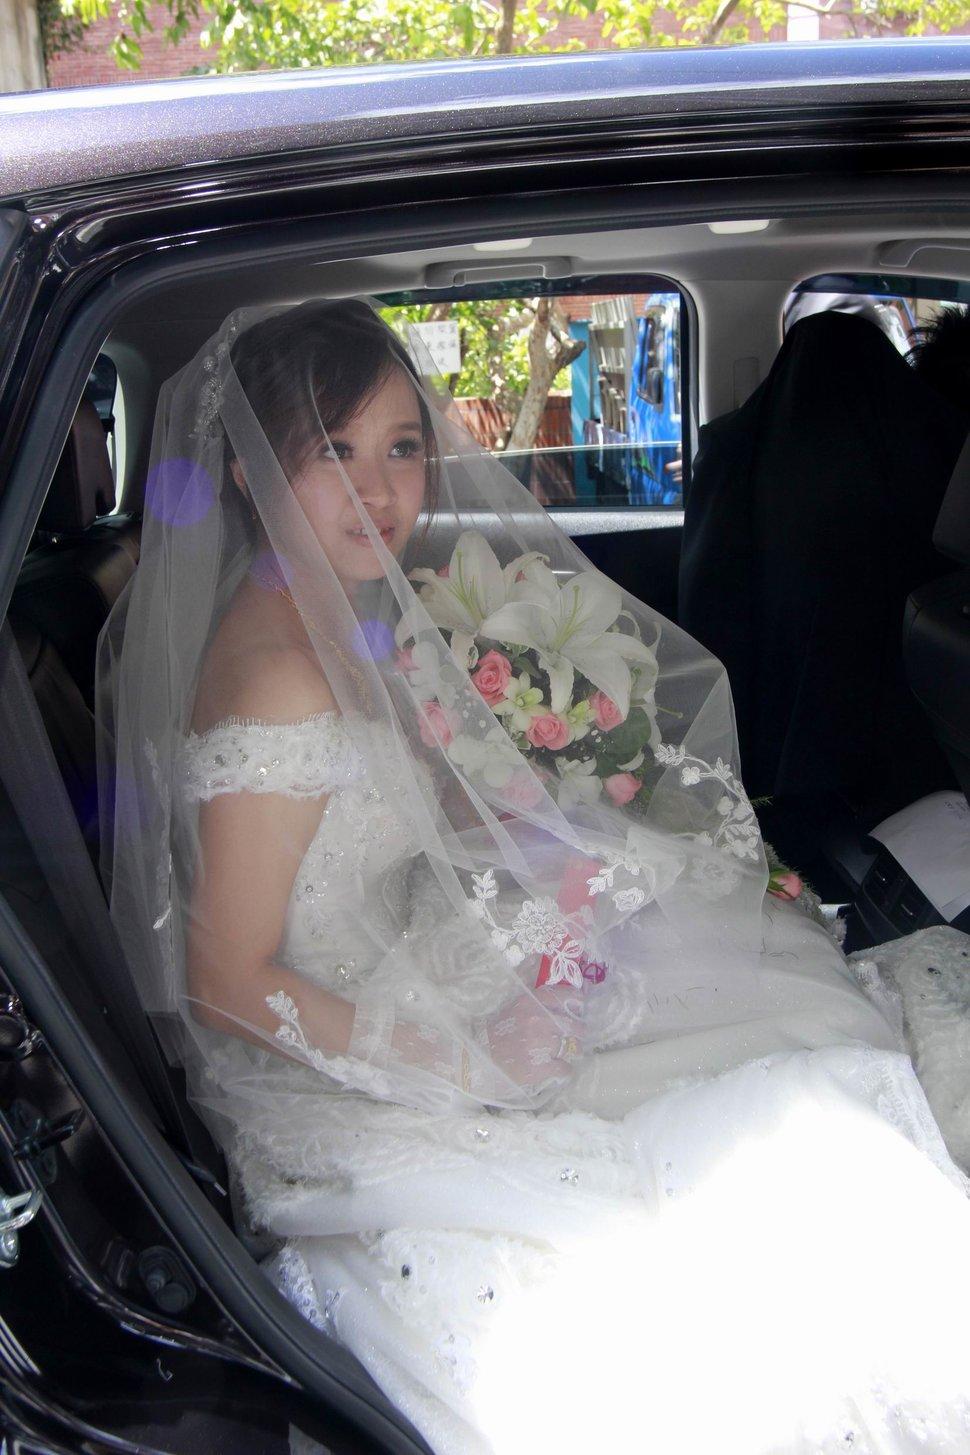 永和易牙居婚宴廣場宴會廳婚婚禮記錄結婚迎娶婚禮記錄動態微電影錄影專業錄影平面攝影婚攝婚禮(編號:213032) - 蜜月拍照10800錄影12800攝影團隊 - 結婚吧